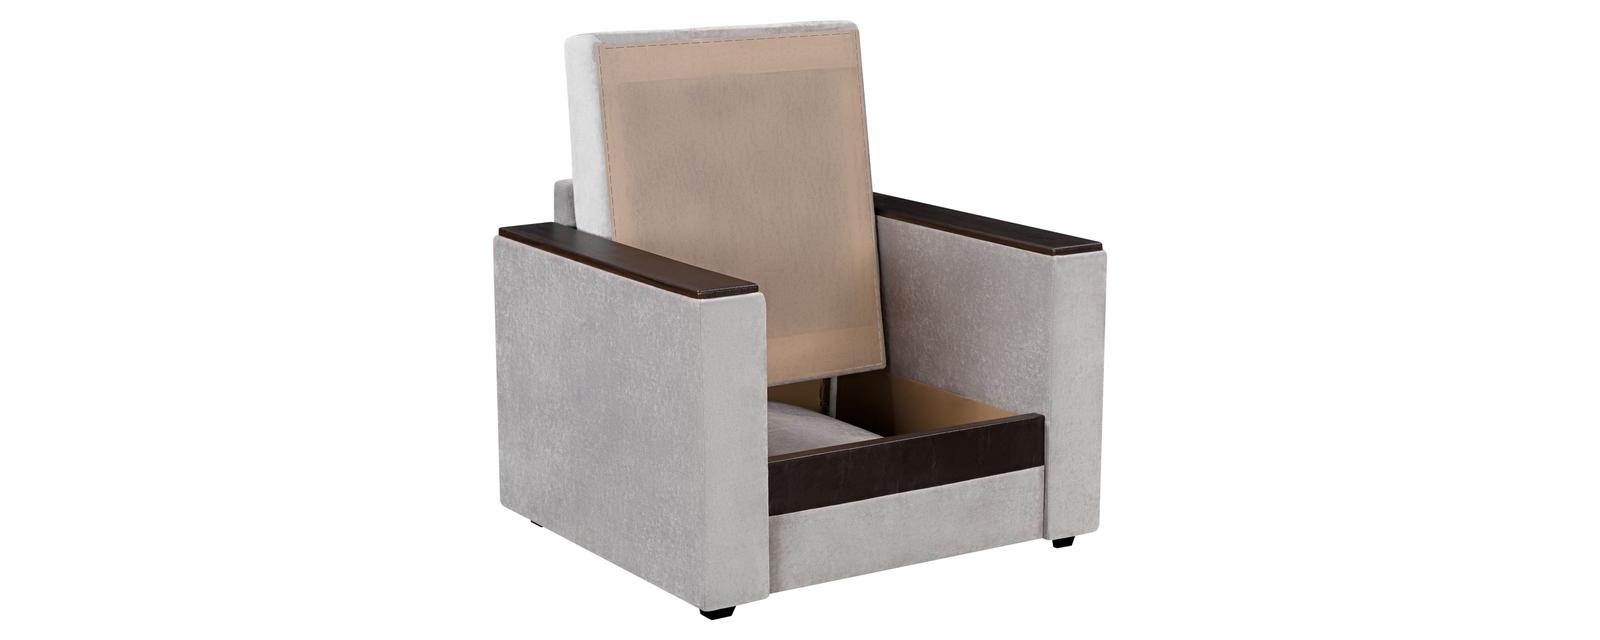 Кресло тканевое Атланта Dana светло-серый (Вельвет)